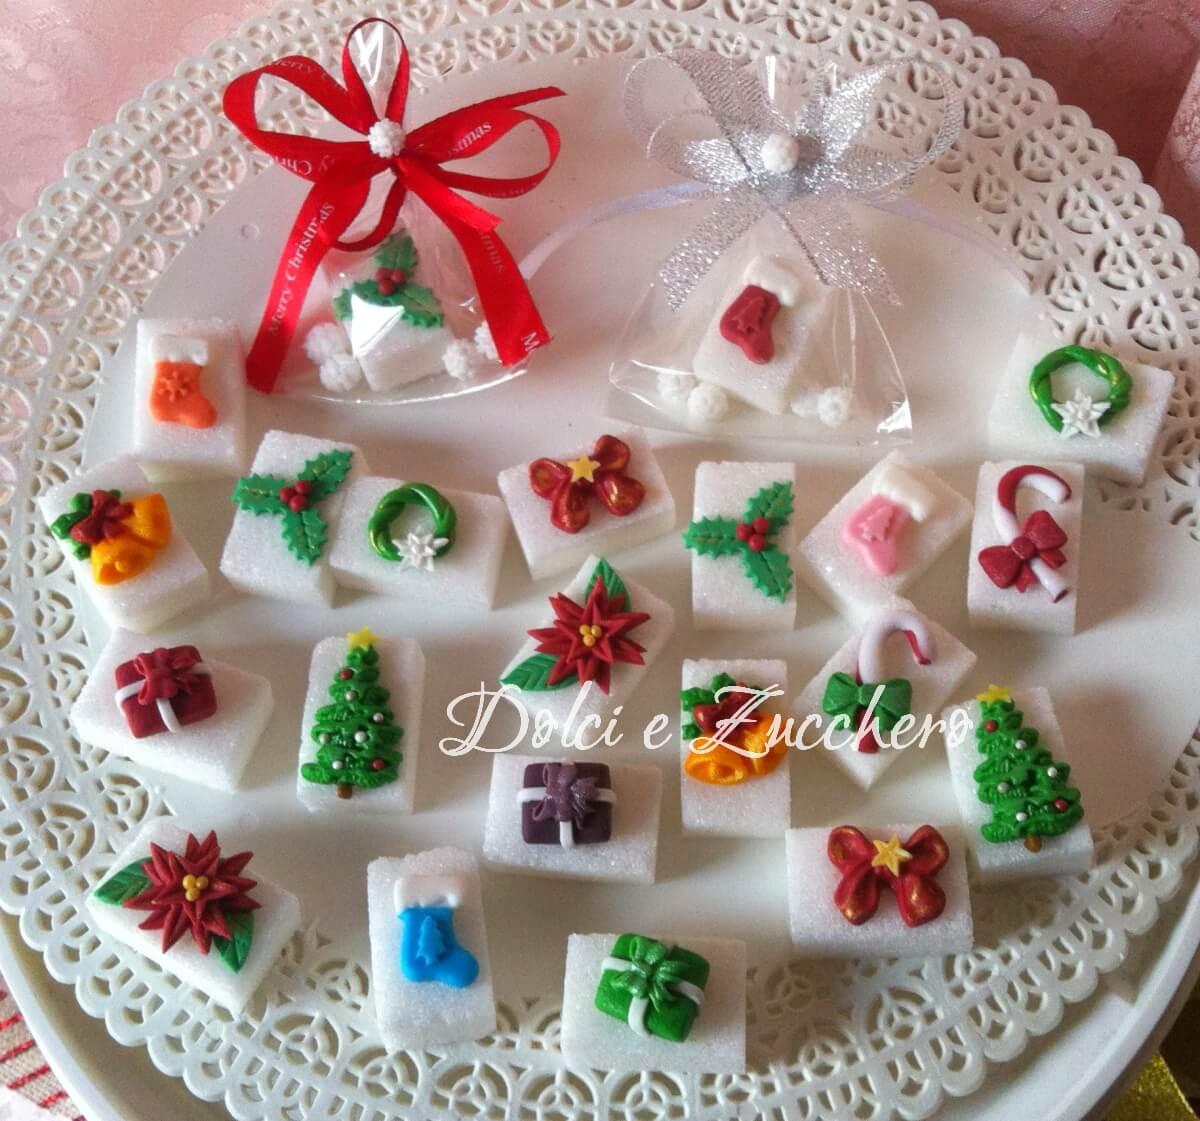 Idee per natale idee di natale di zucchero originali dolci e zucchero - Piccole idee regalo per natale ...